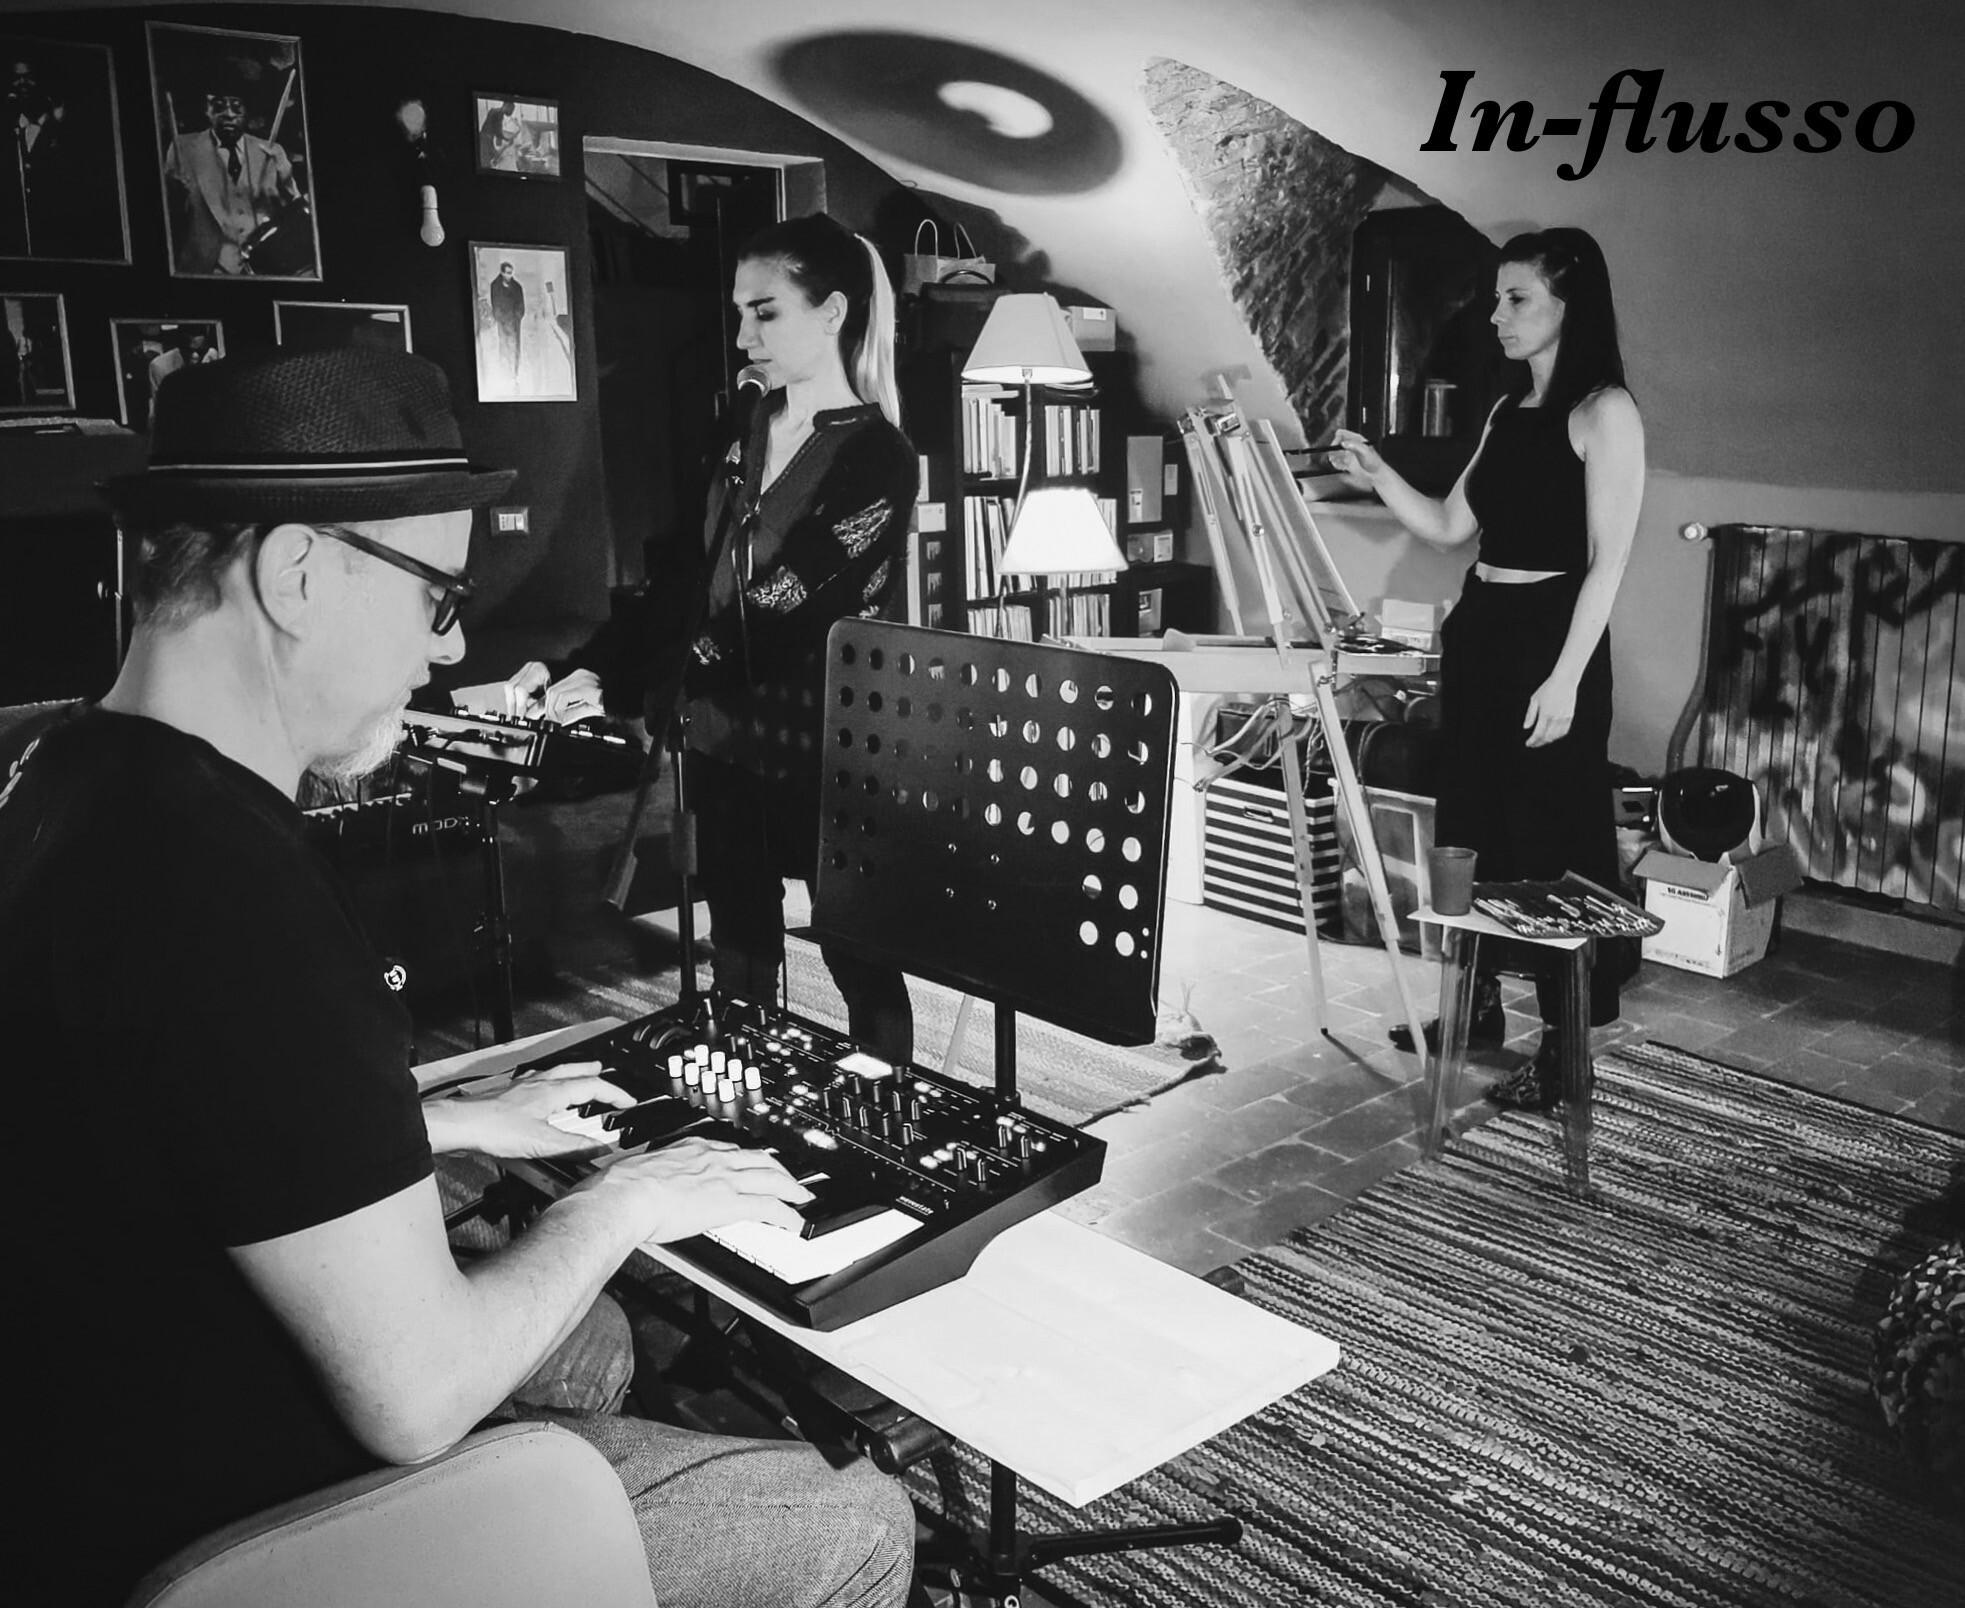 L'anteprima di Casa Nebbia alla Rocca dei Rossi  con In-flusso (Ferite), spettacolo d'improvvisazione sonora, narrativa e visiva